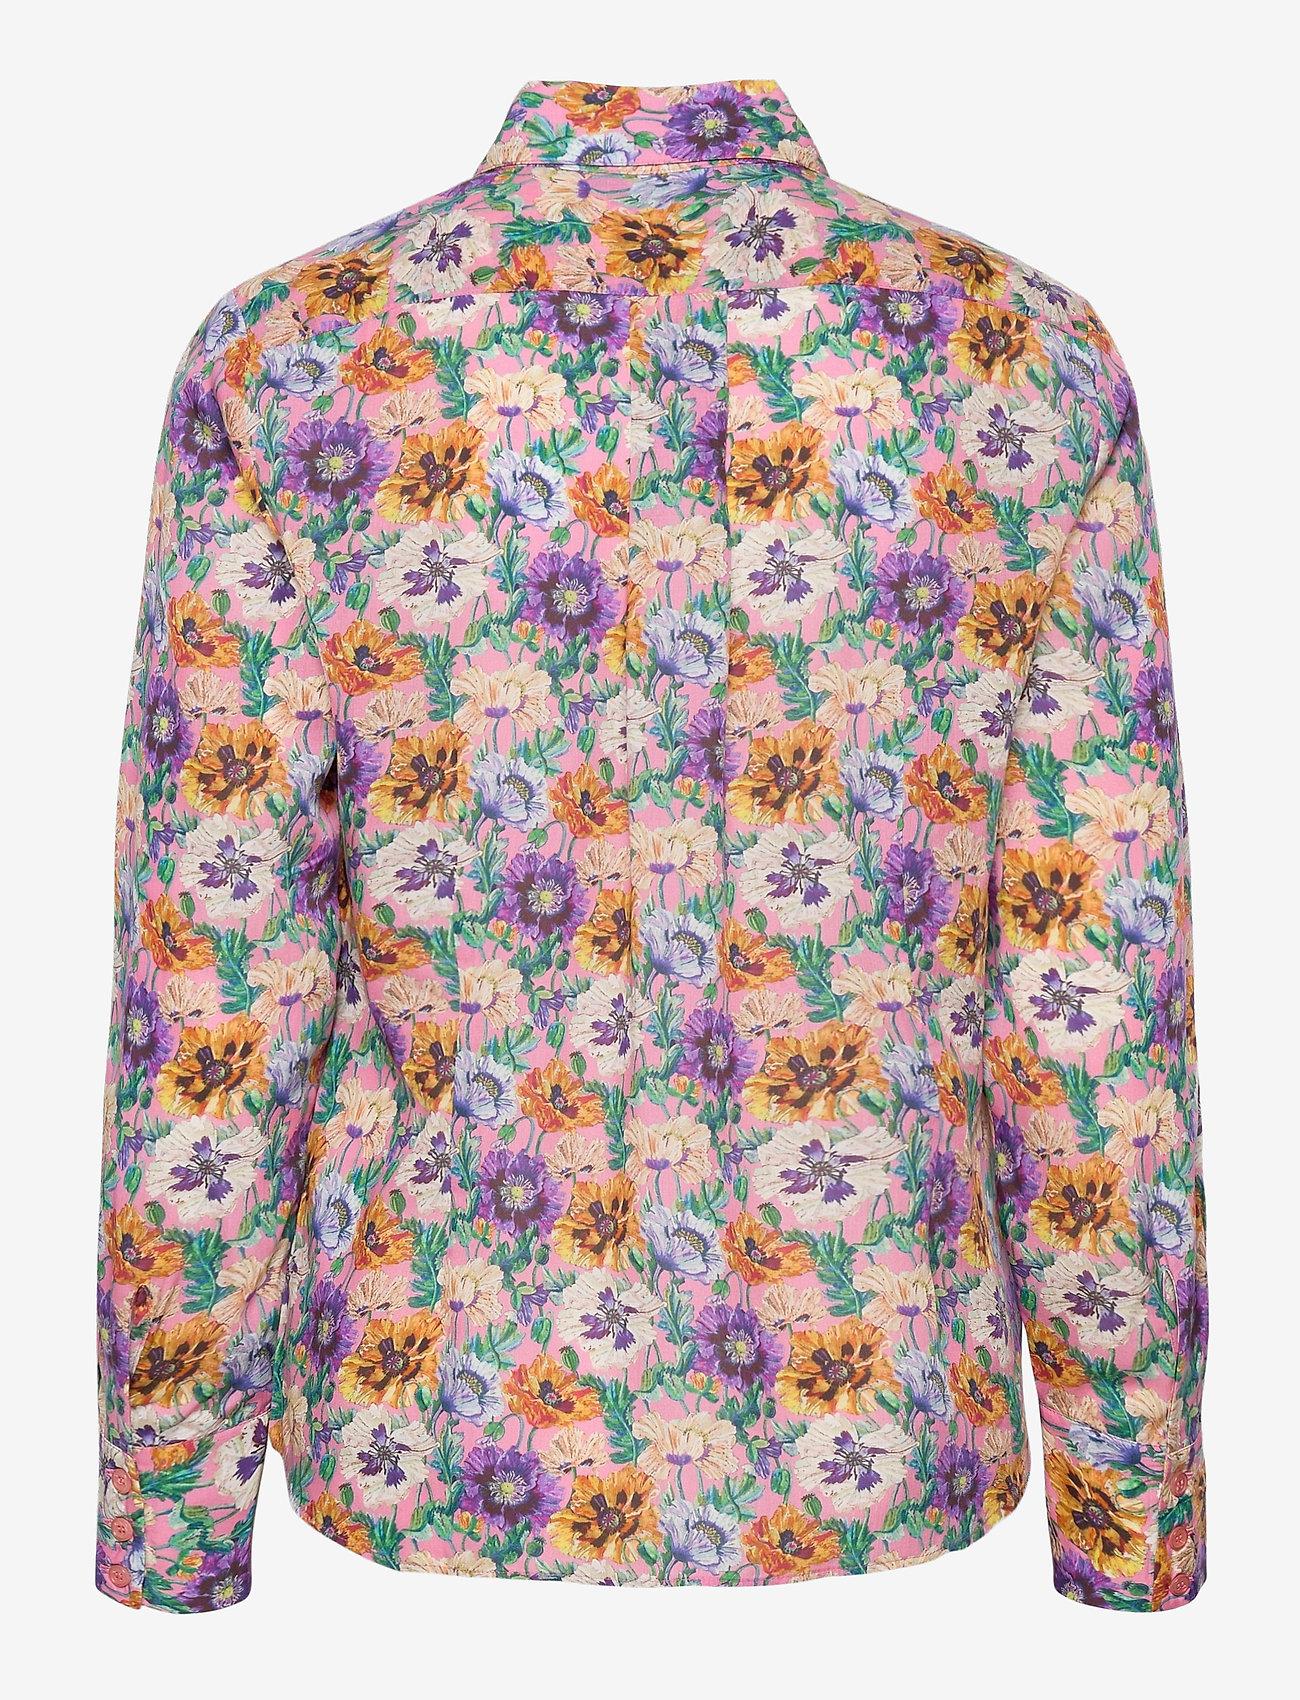 SAND - 3419 - Lotte BC - overhemden met lange mouwen - pink - 1